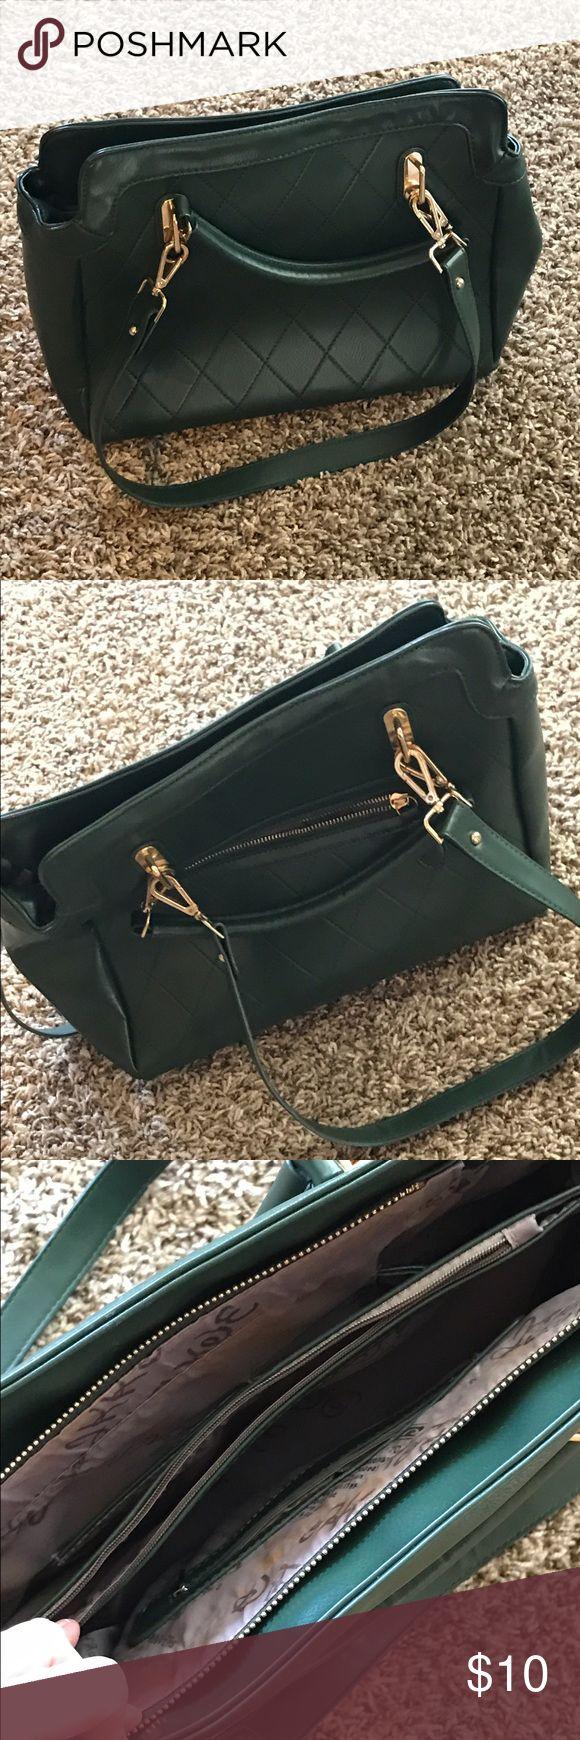 Green shoulder bag Pretty green shoulder bag with longer straps as well Bags Shoulder Bags